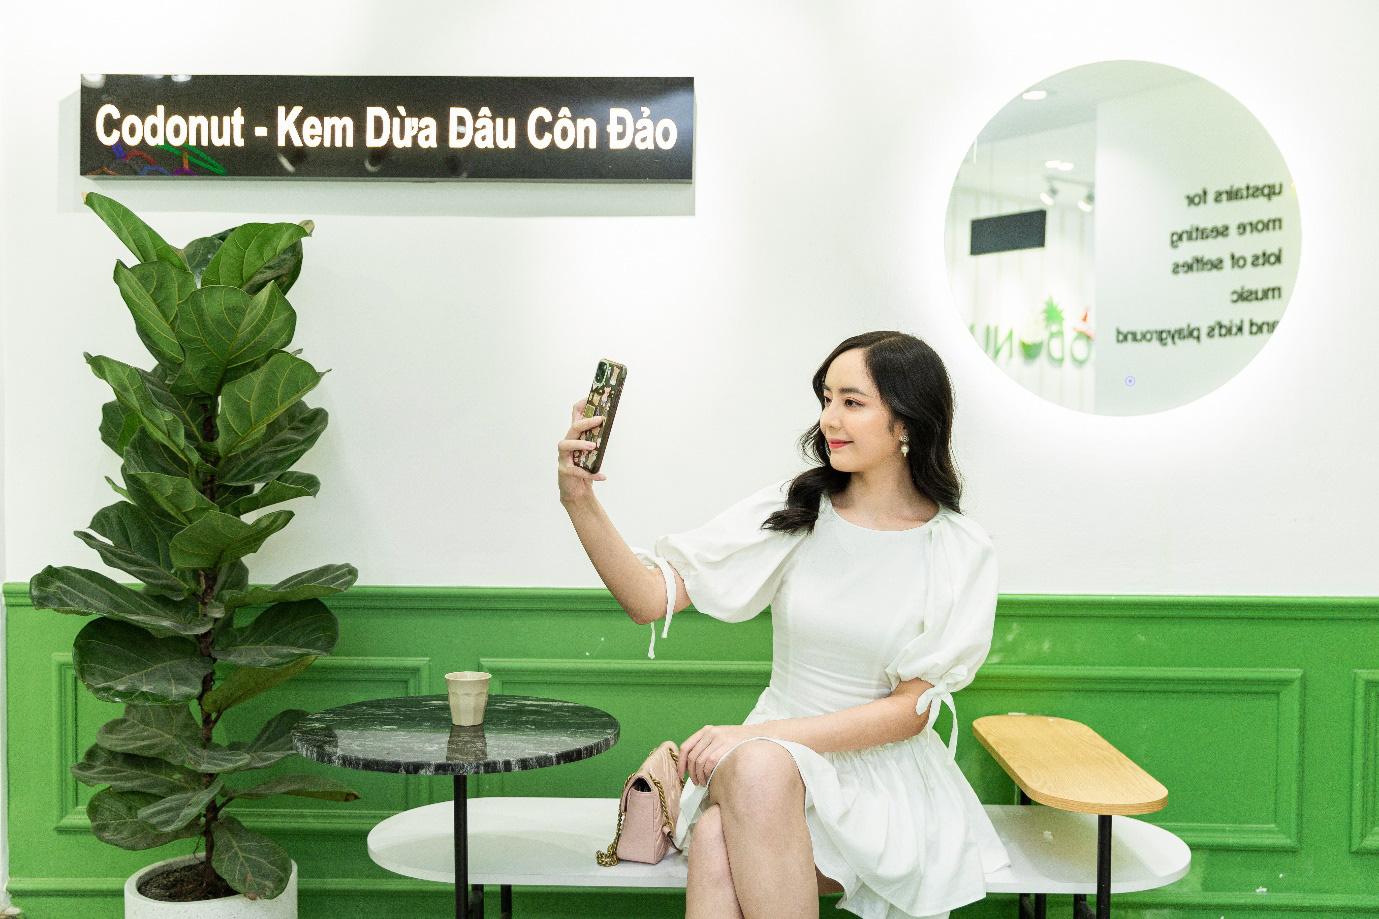 Xuất hiện kem dừa trân châu cốt dừa tạo trend rần rần đầu năm 2021 - Ảnh 5.